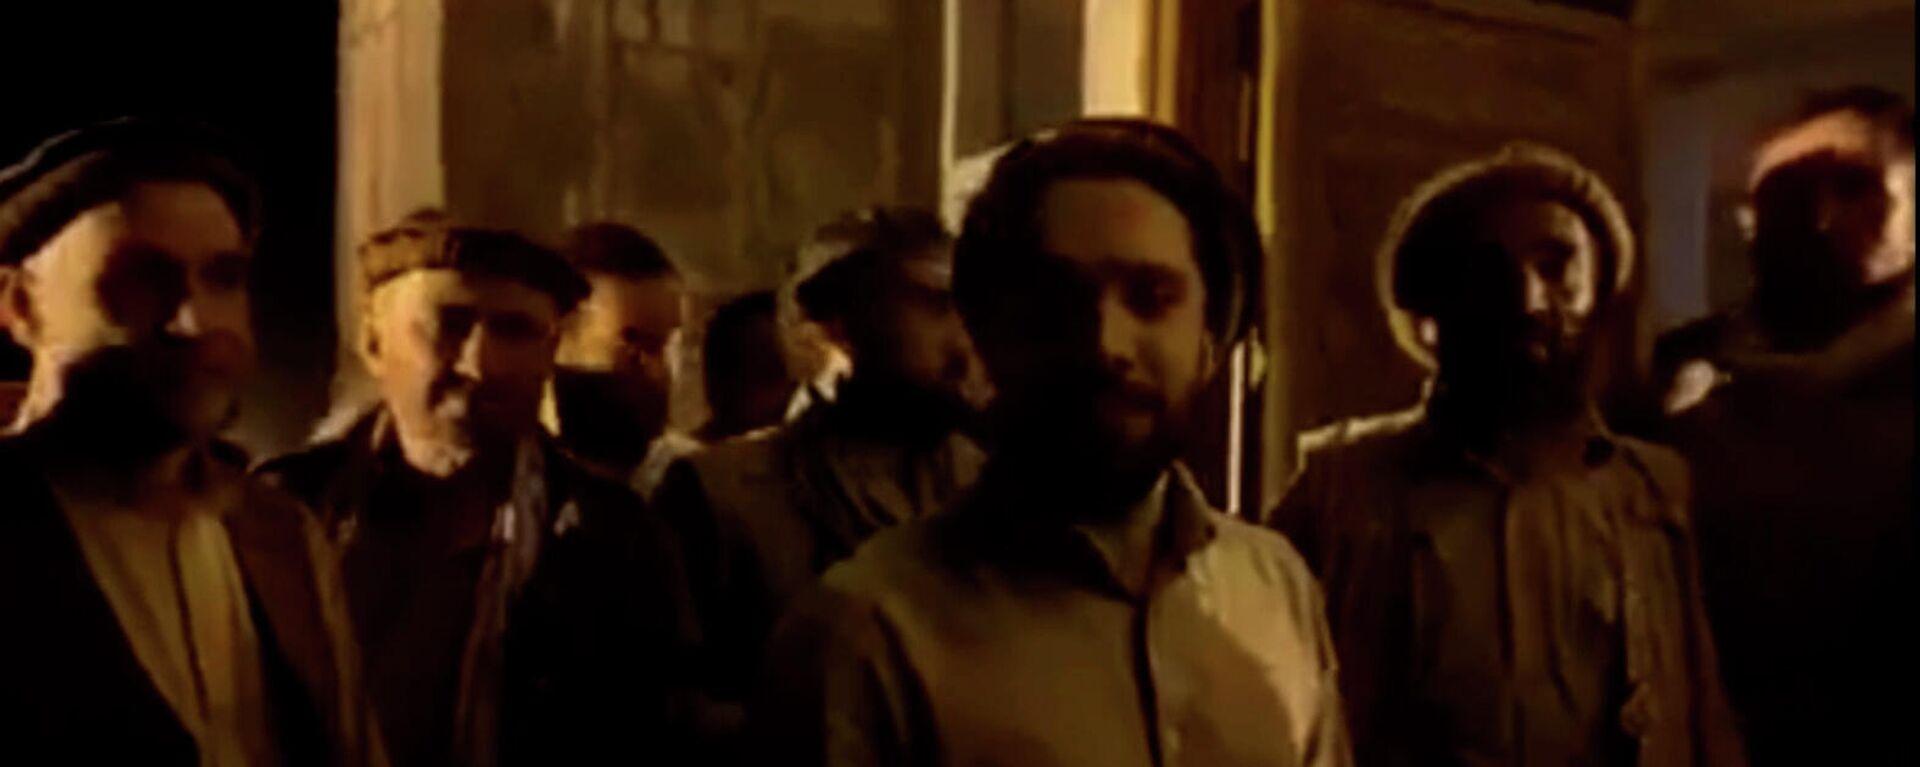 Ахмад Масуд опровергает слухи о том что он не находится в регионе - Sputnik Тоҷикистон, 1920, 17.08.2021